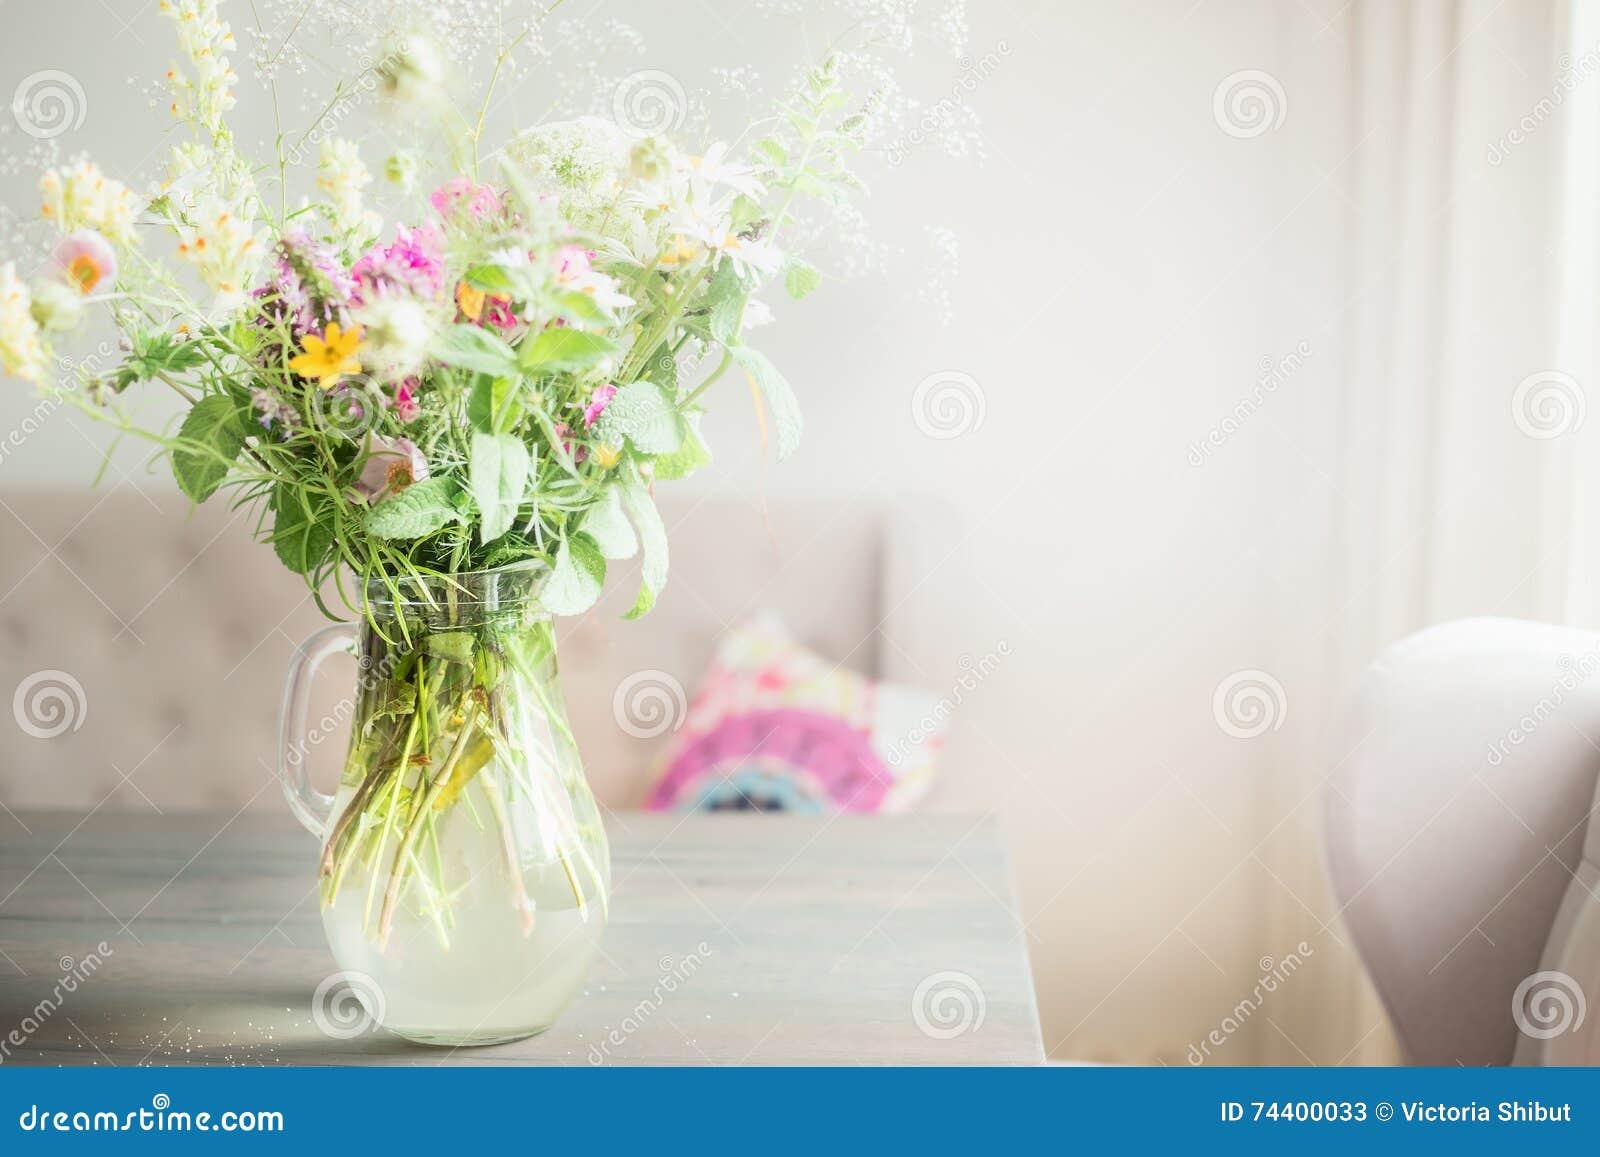 Grupo bonito das flores selvagens no vaso de vidro na tabela na sala de visitas clara, decoração home